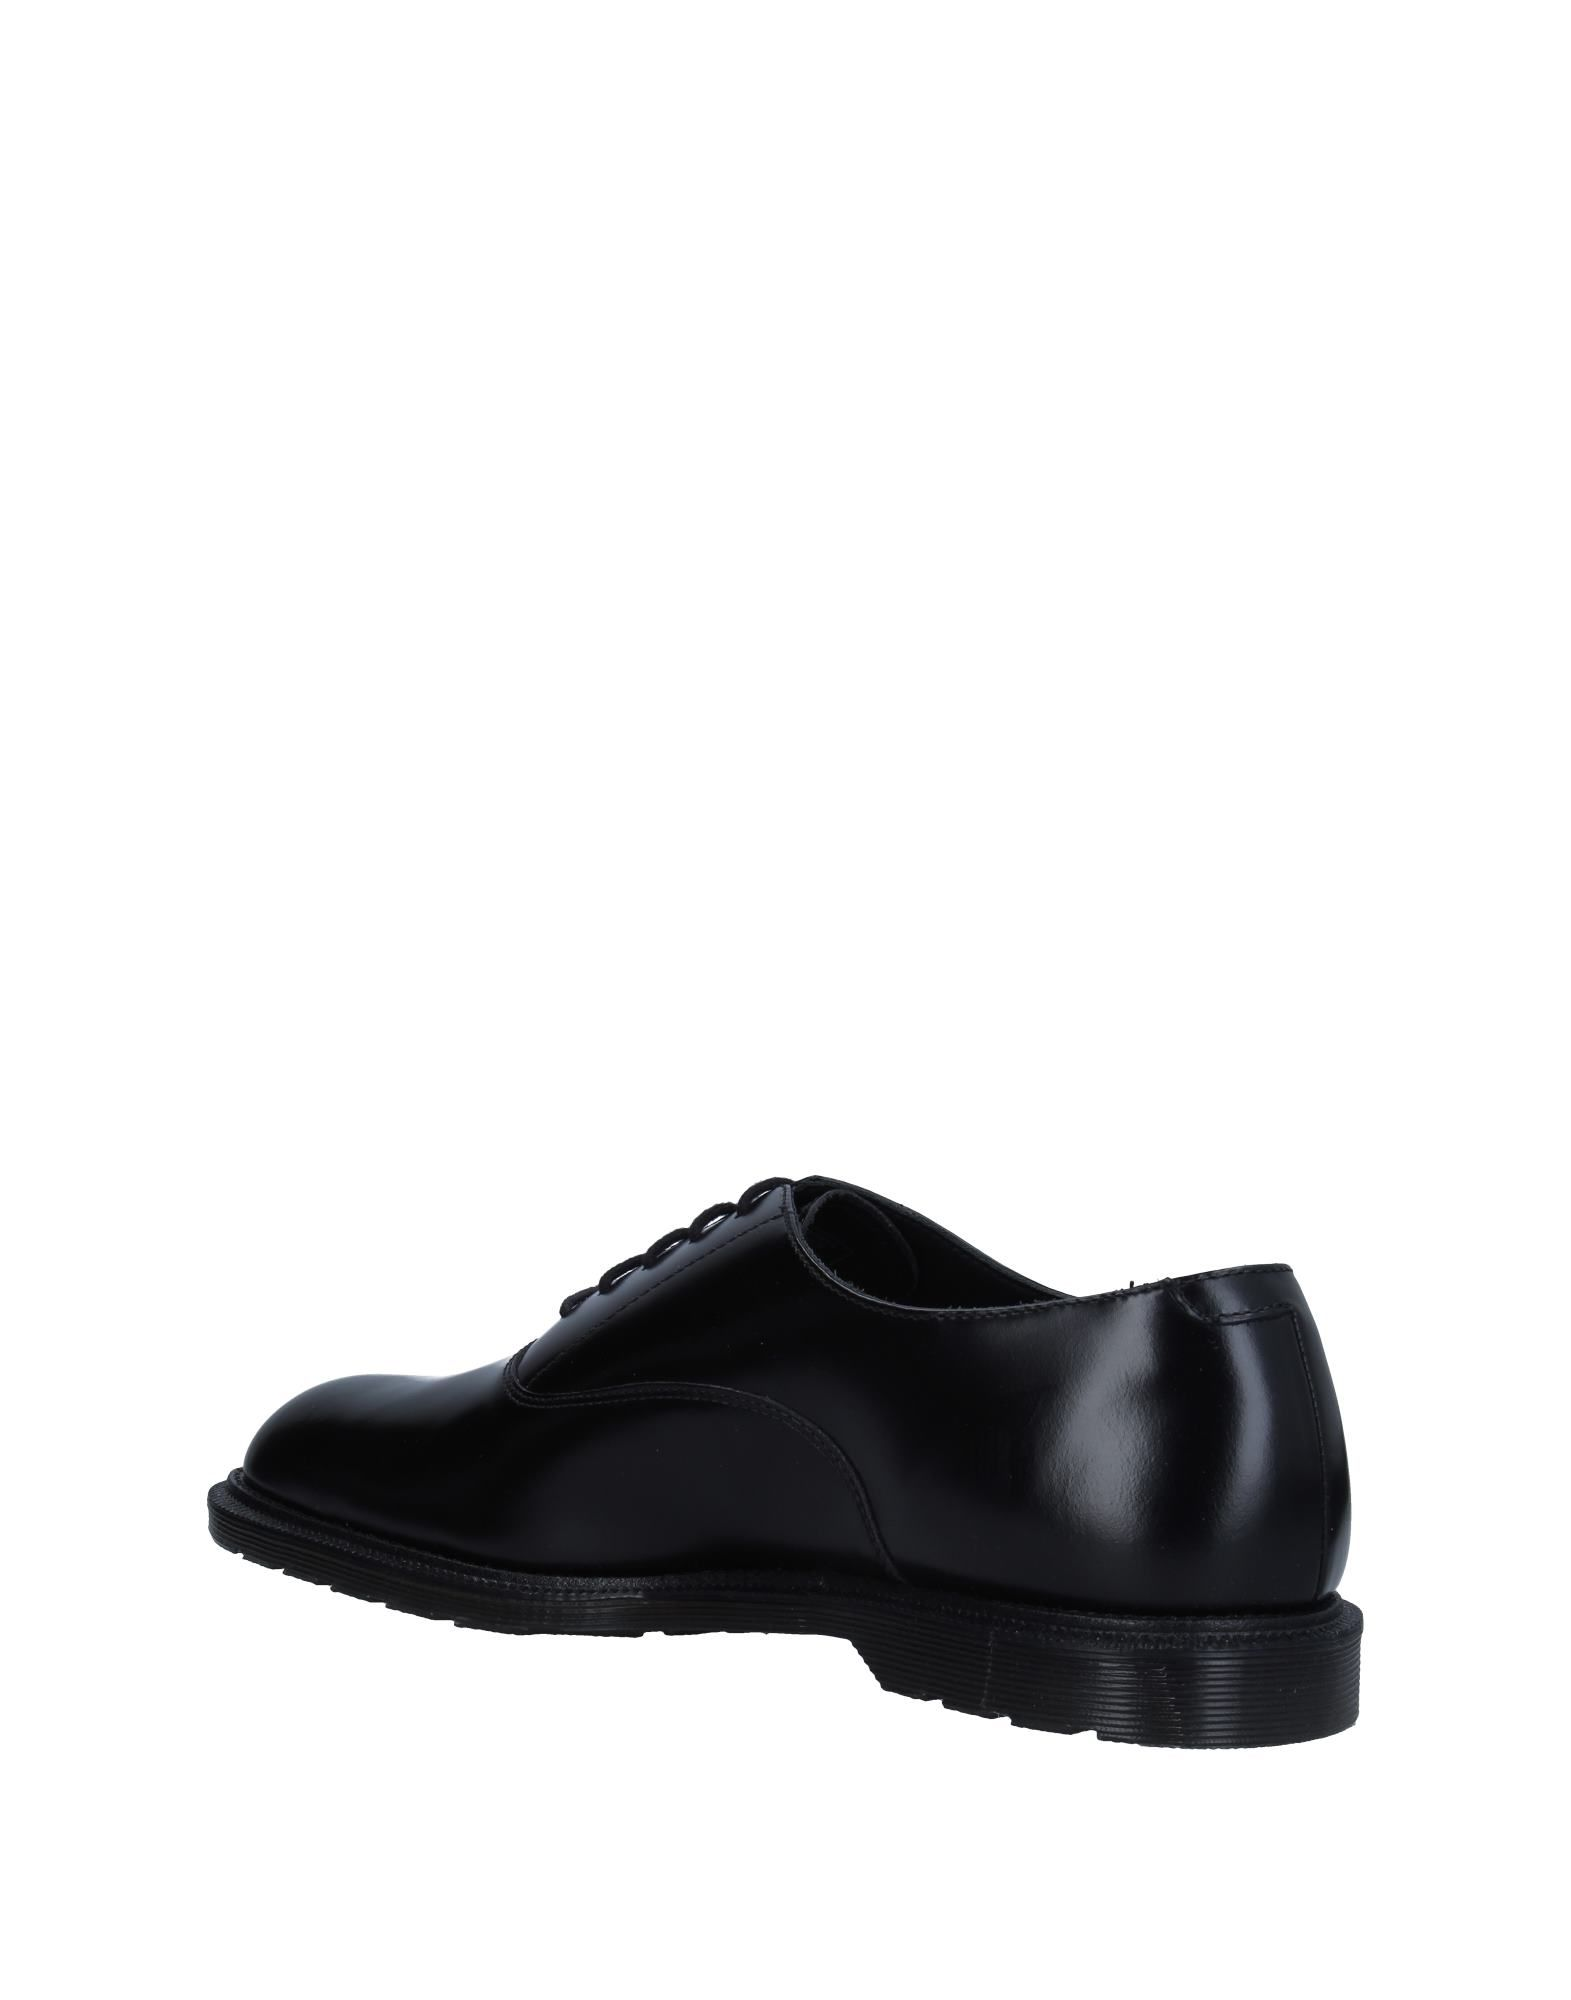 Rabatt Schnürschuhe echte Schuhe Dr. Martens Schnürschuhe Rabatt Herren  11320760KR 13f521